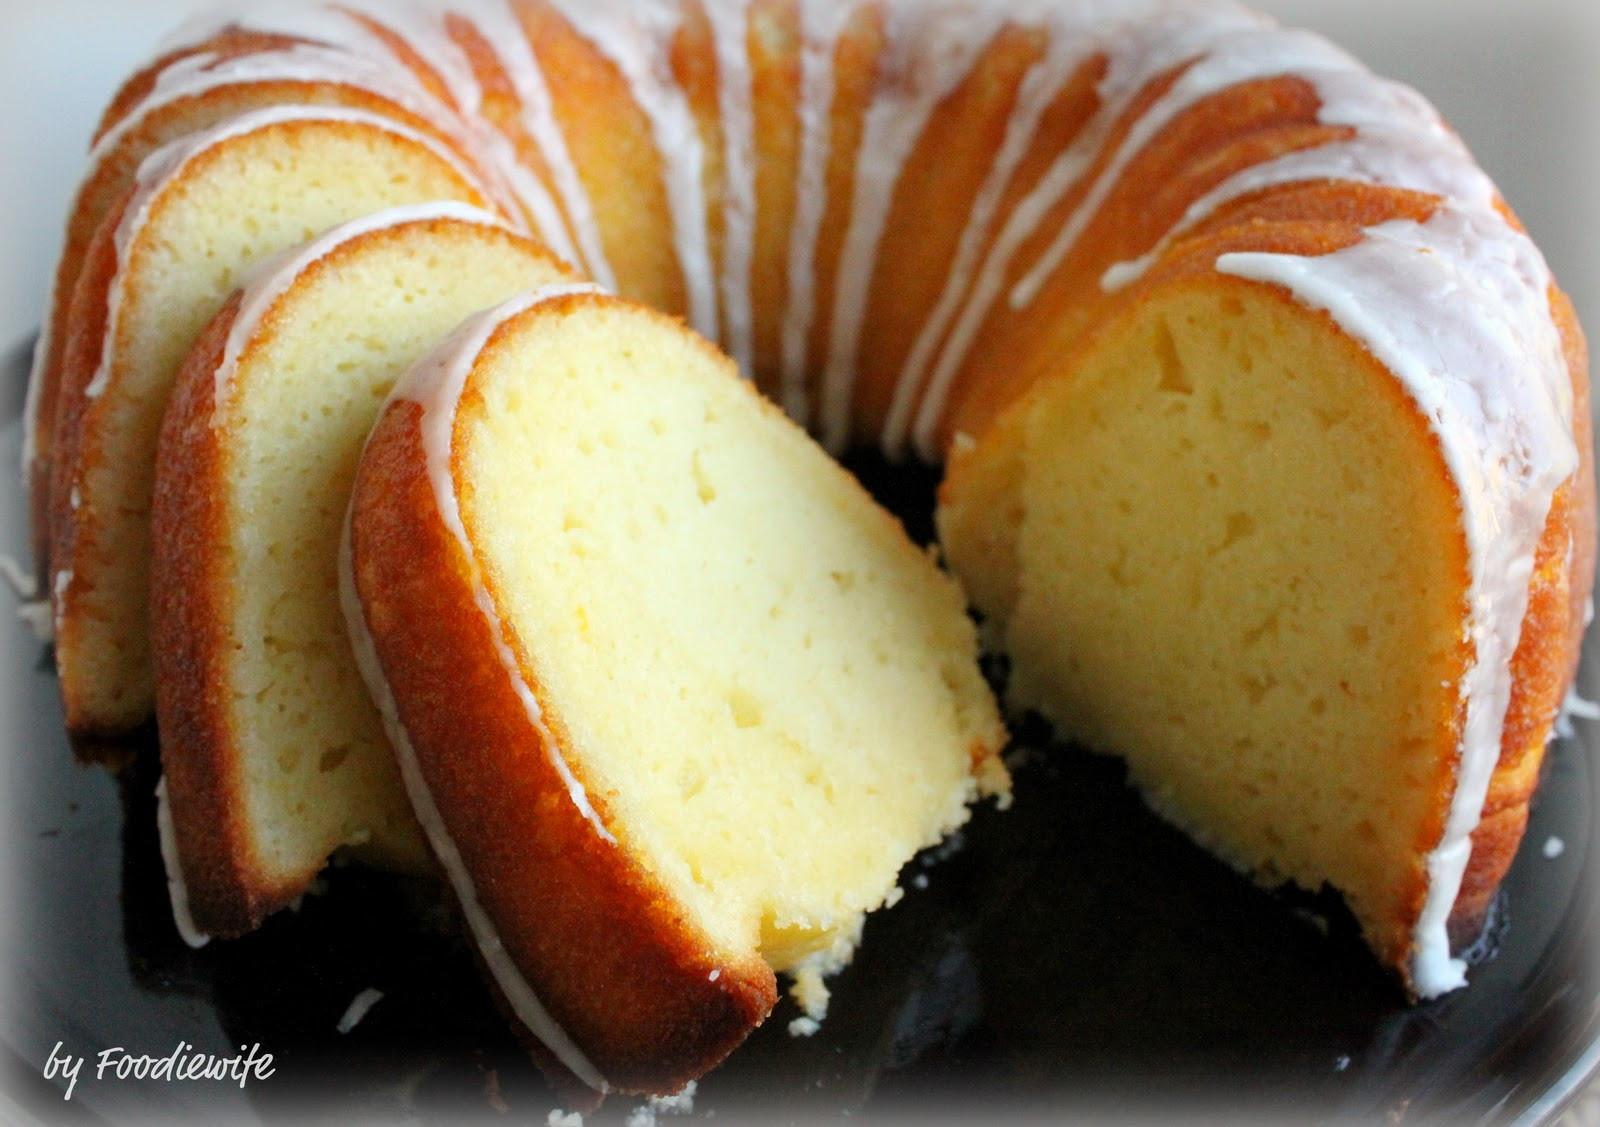 Lemon Cake Recipes From Scratch  lemon bundt cake recipe from scratch